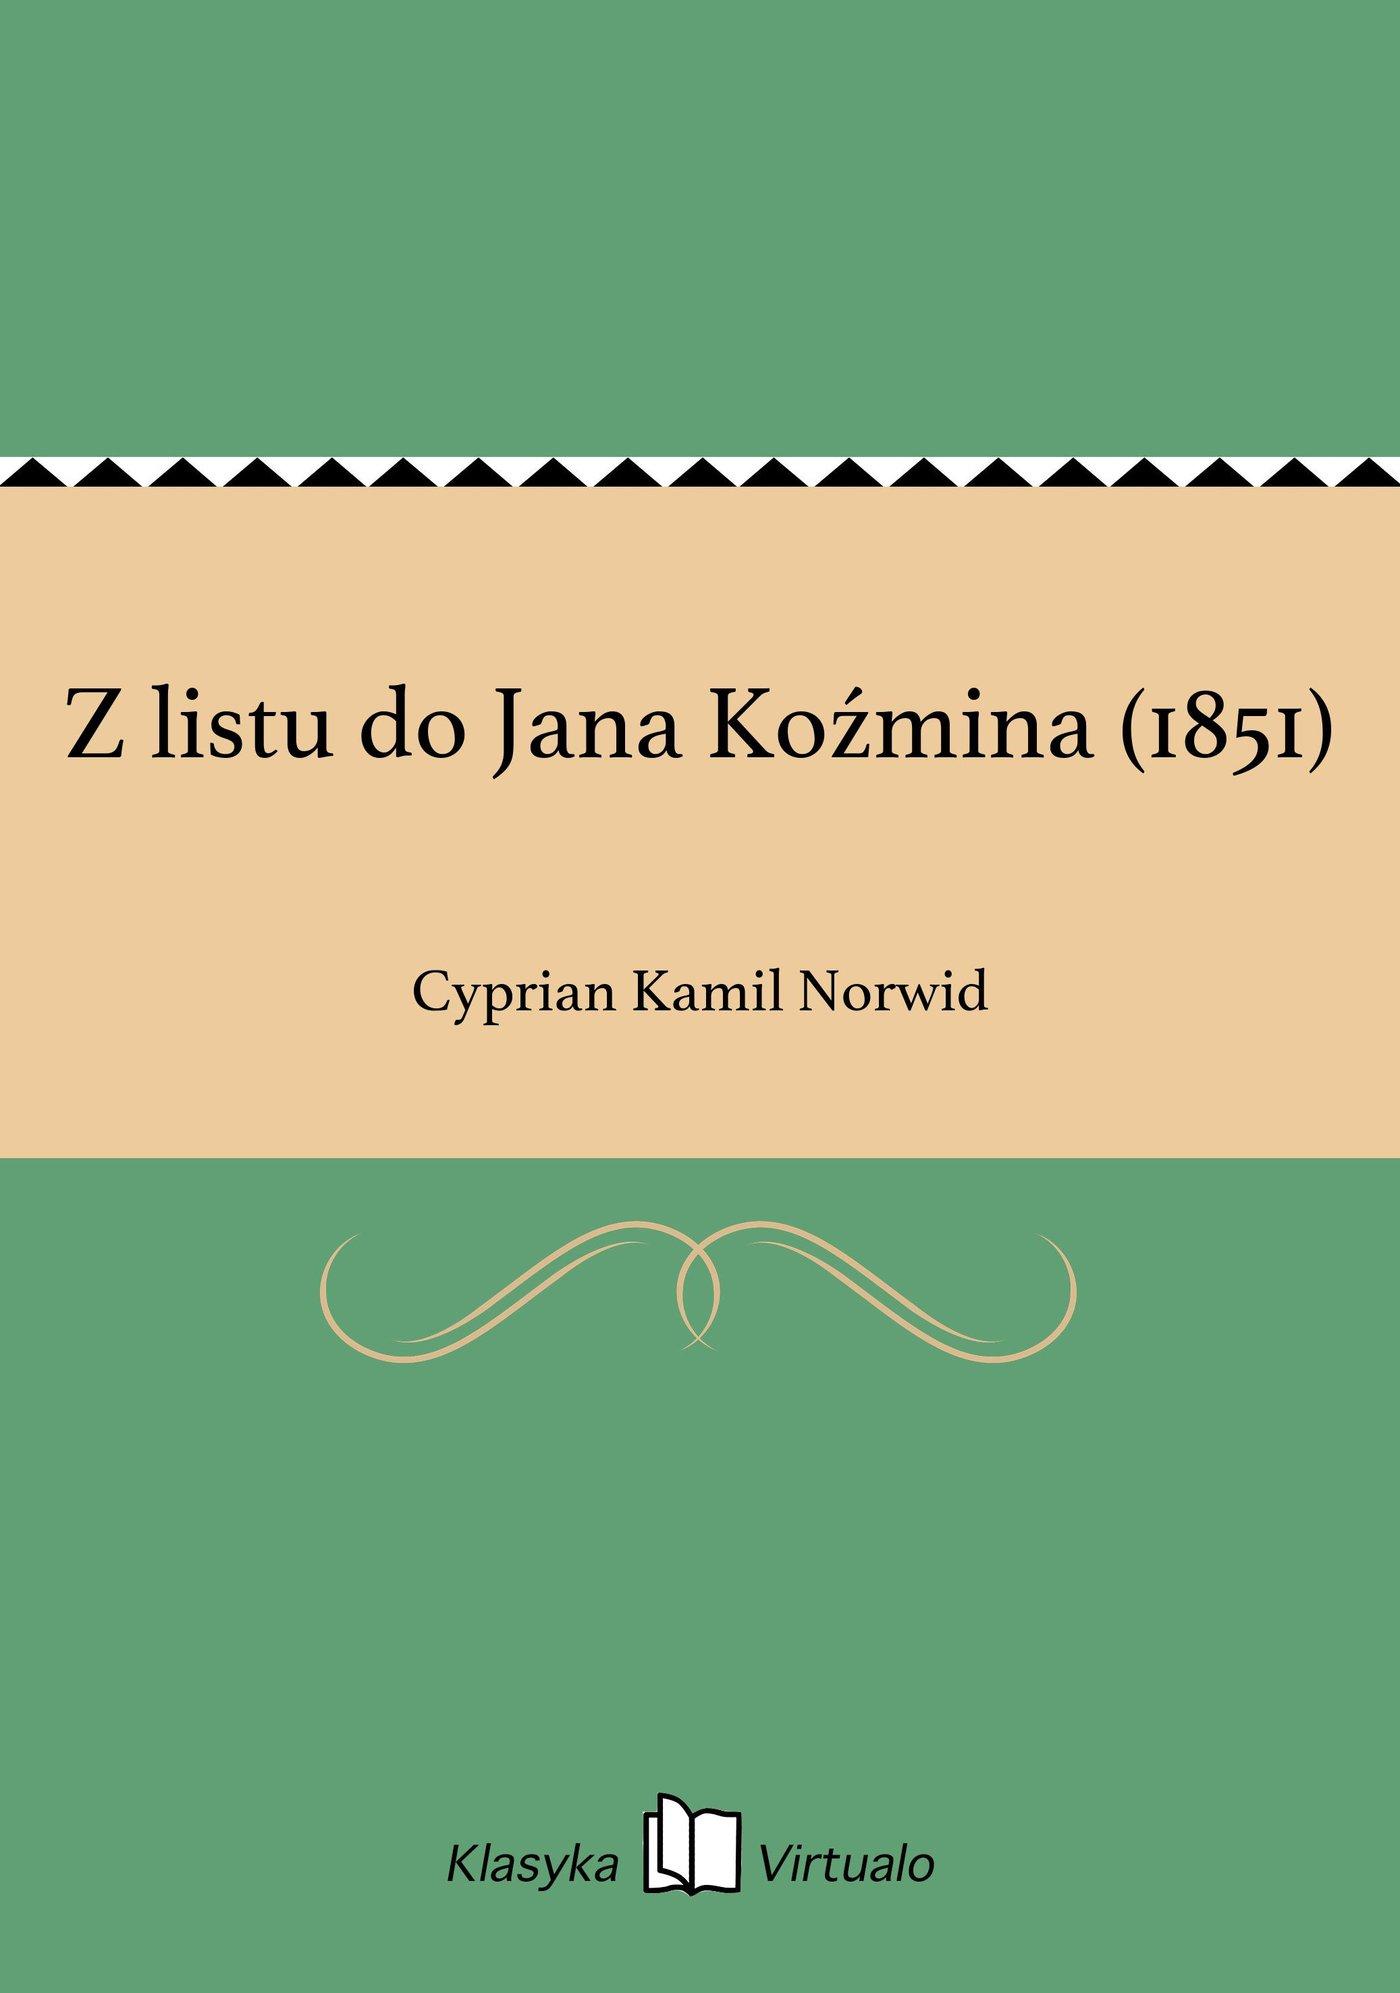 Z listu do Jana Koźmina (1851) - Ebook (Książka na Kindle) do pobrania w formacie MOBI